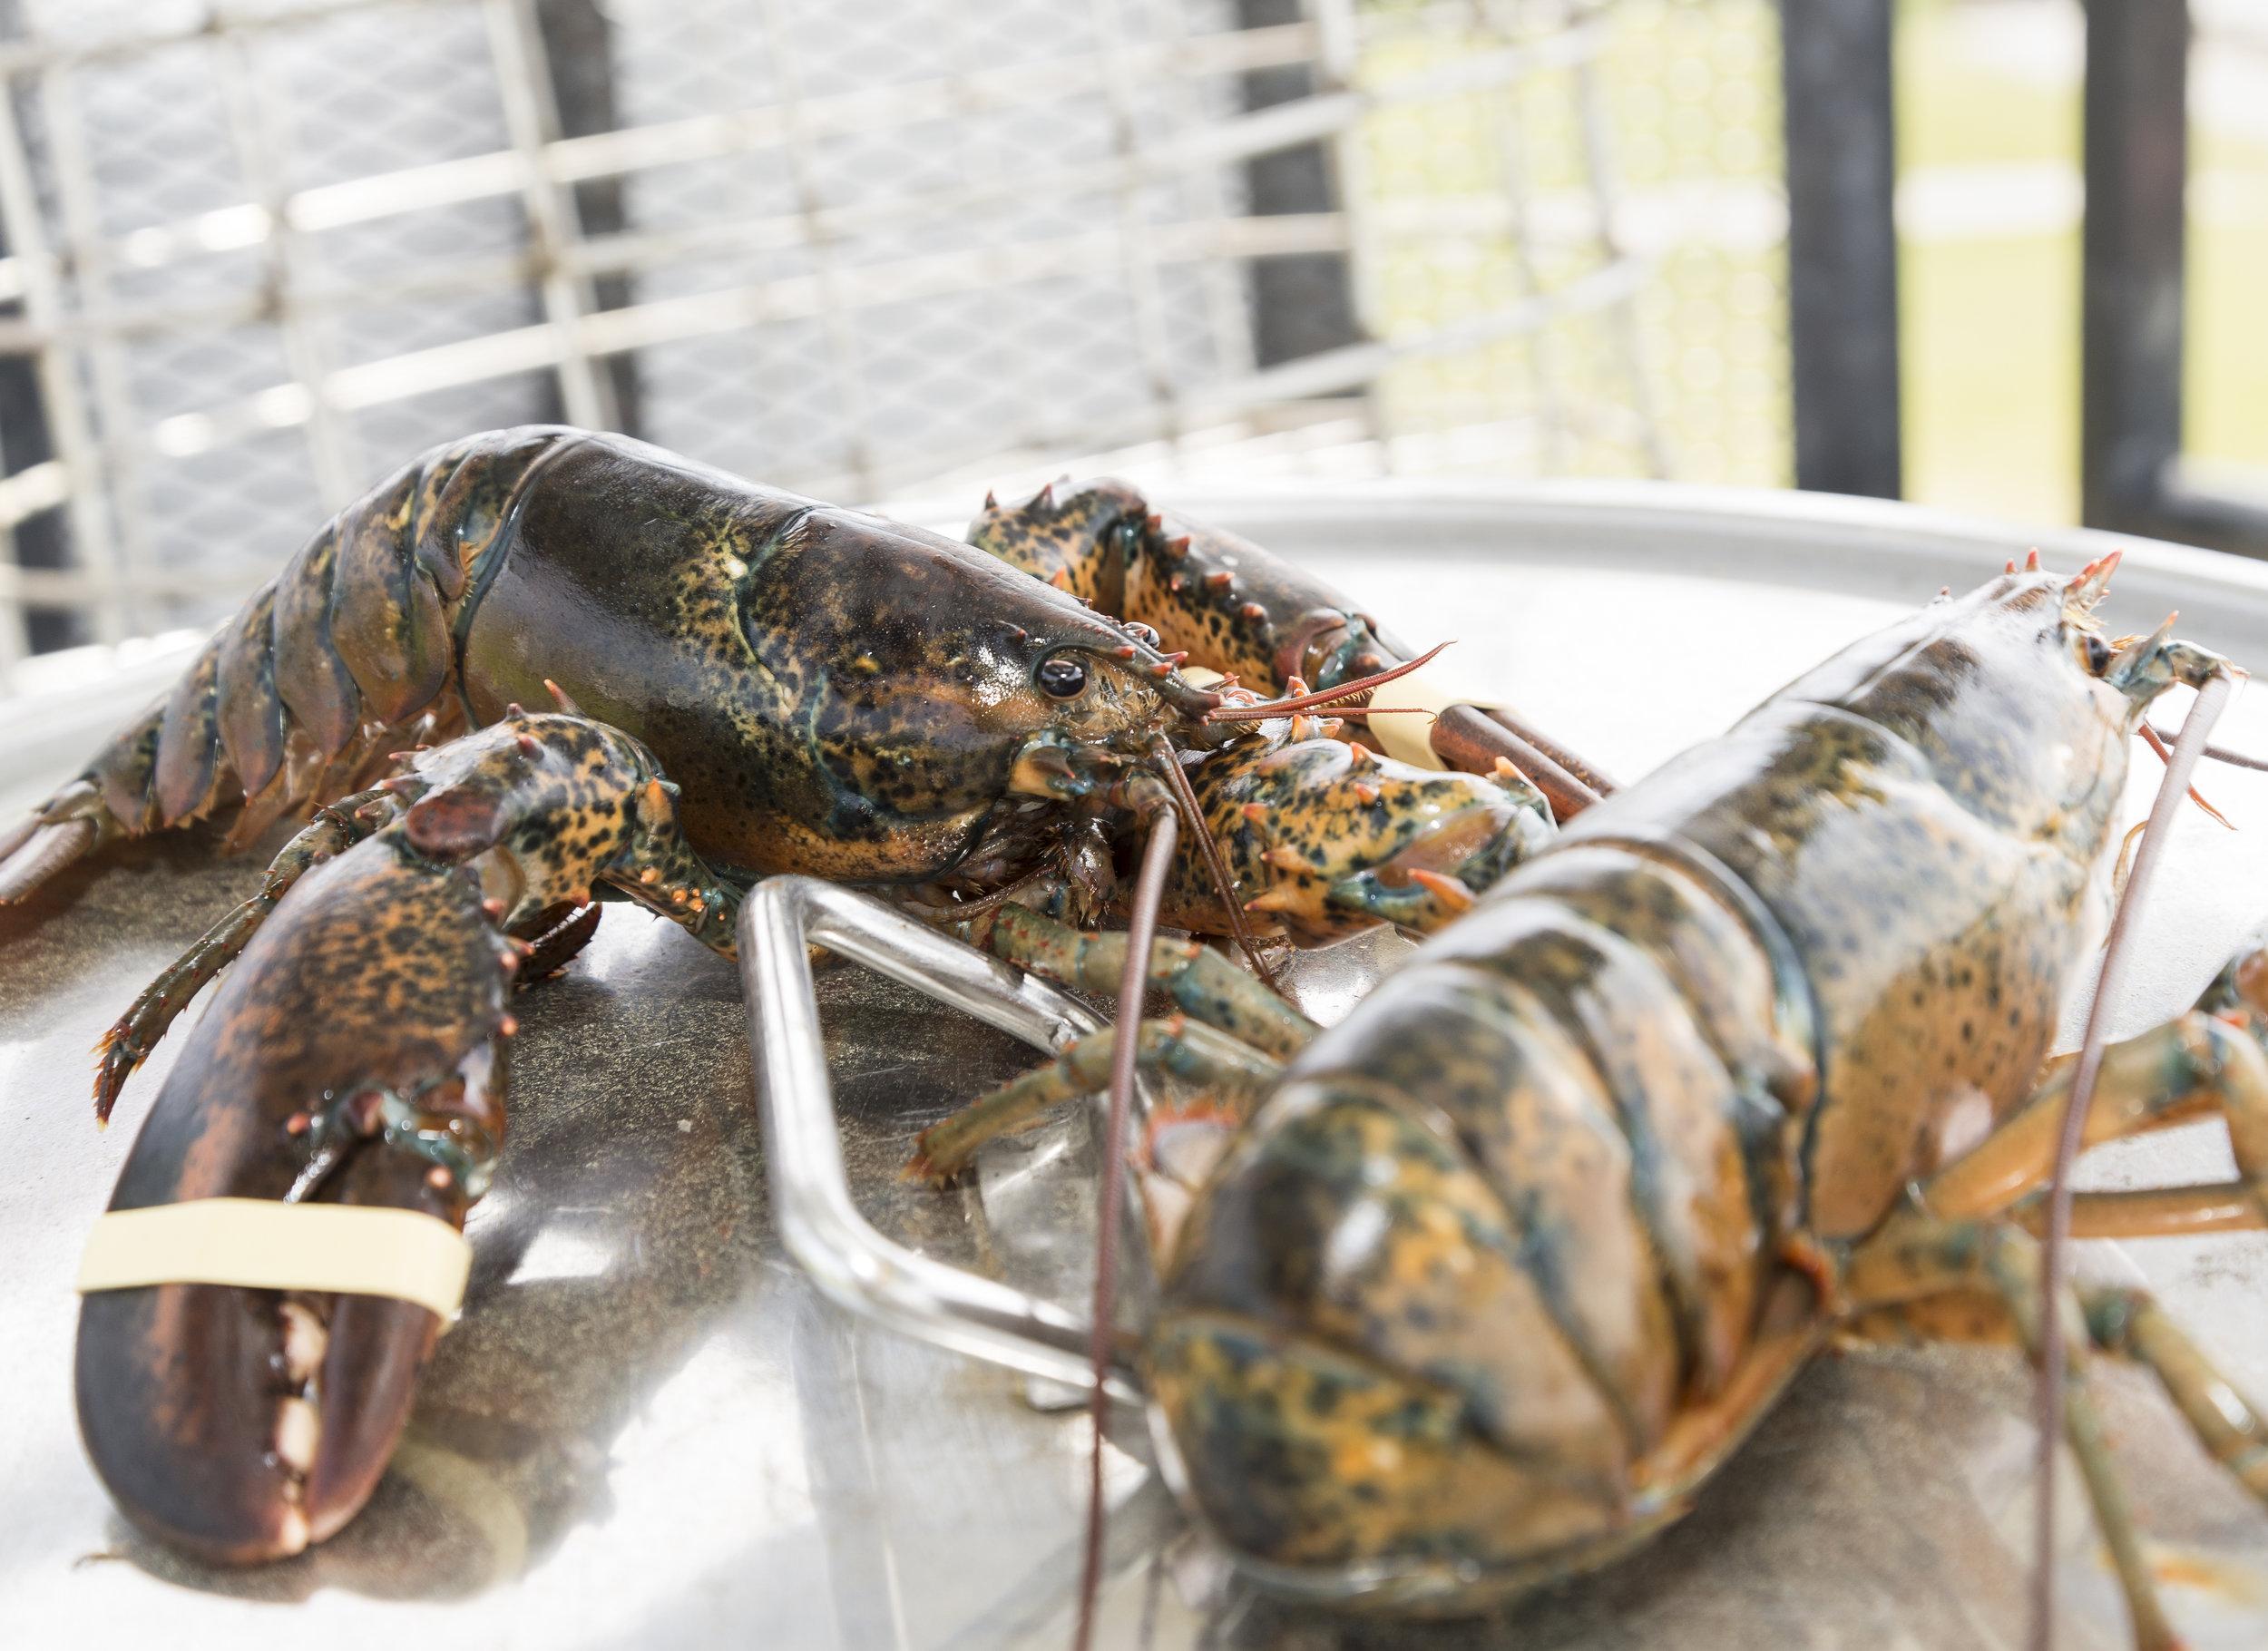 6_8_17 Lobster Bake Truck_7.jpg